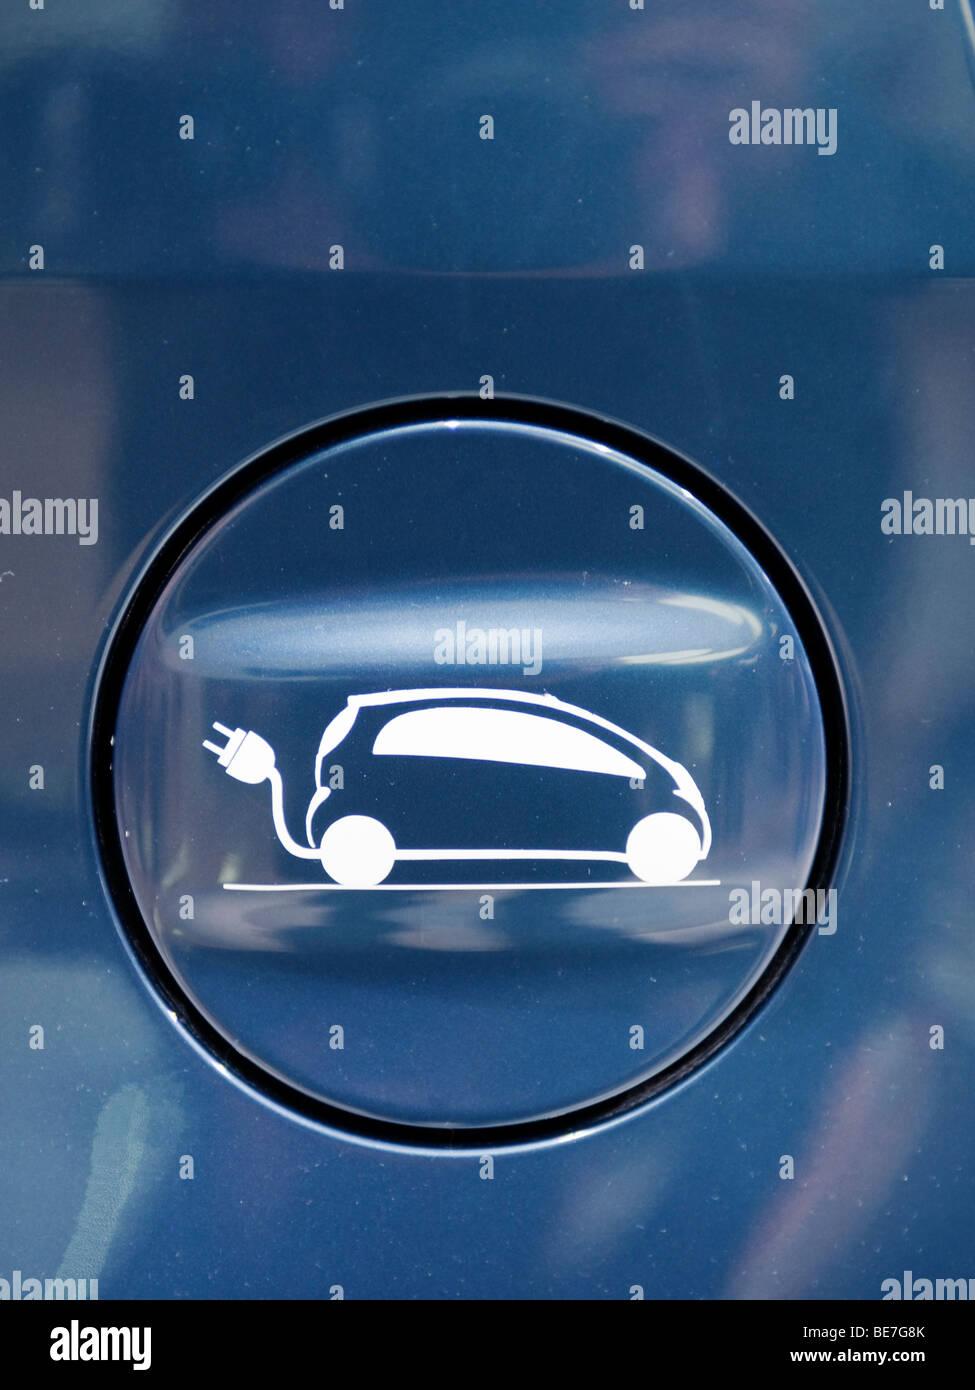 Détail de l'embout sur le bouchon de la recharge électrique de nouvelle voiture électrique au Photo Stock